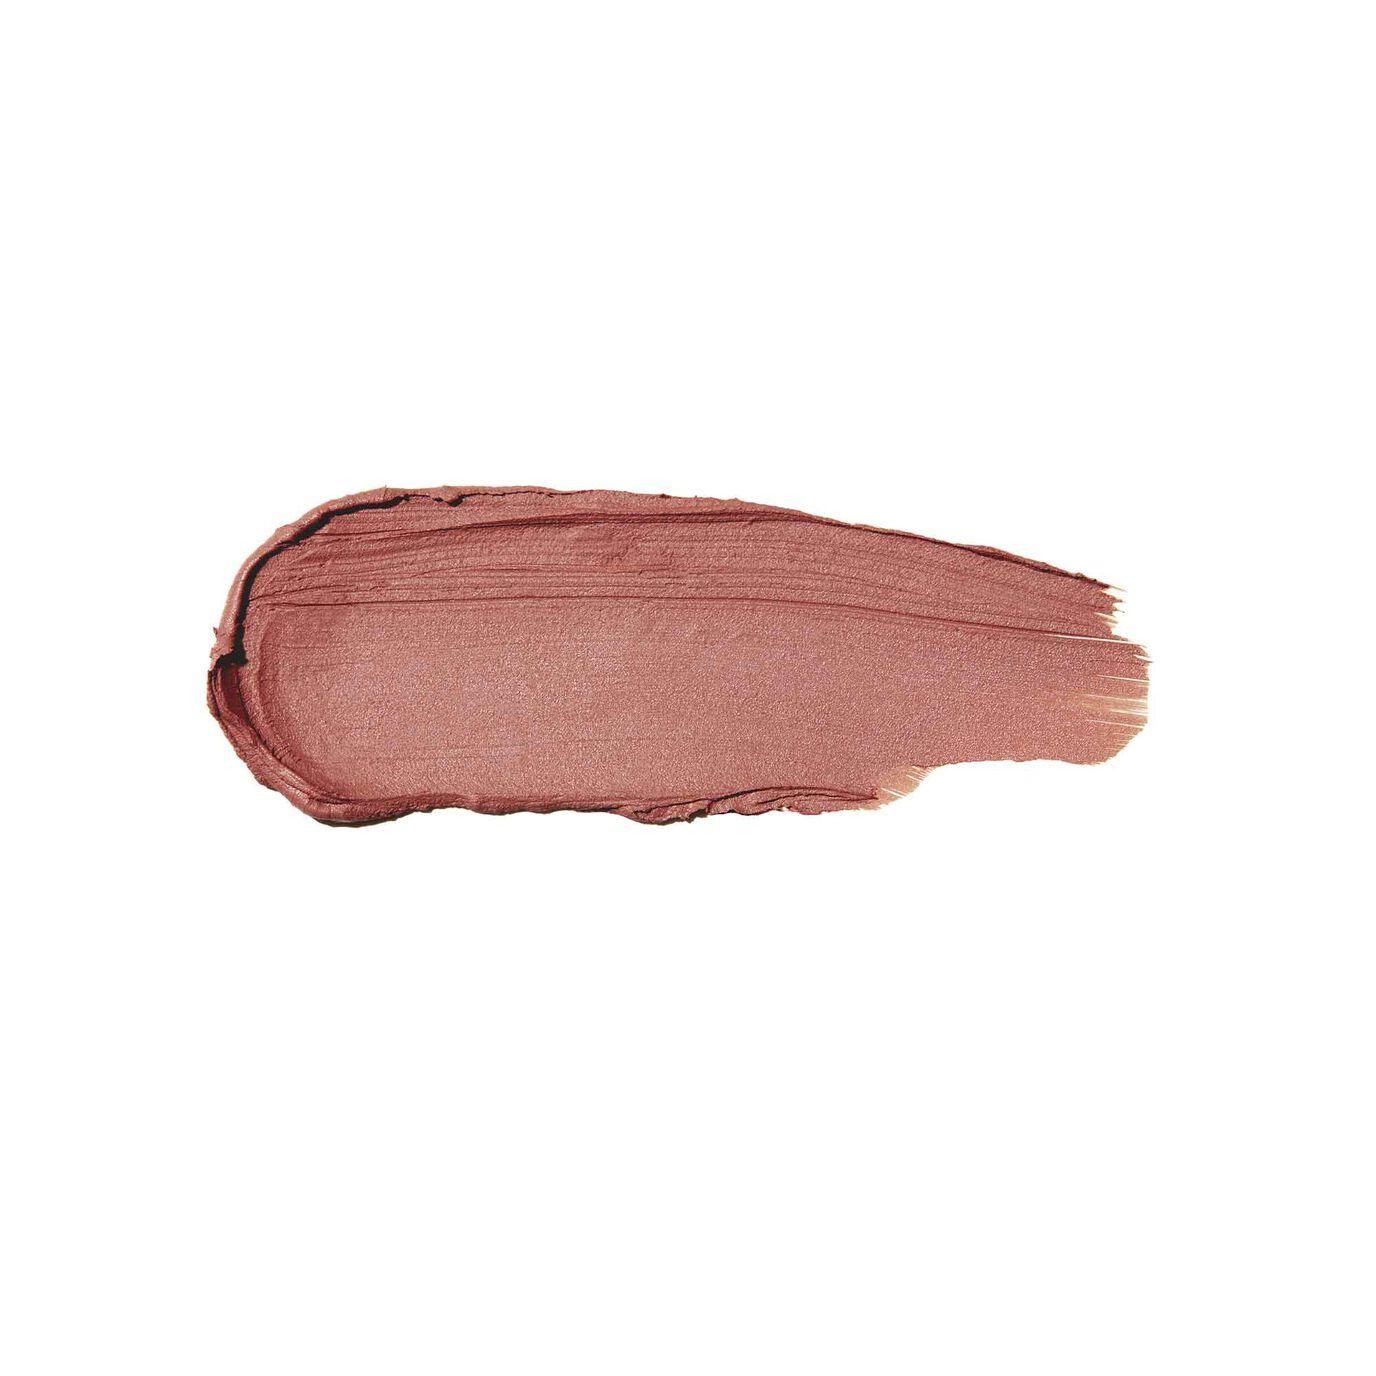 Satin Lipstick - Tease